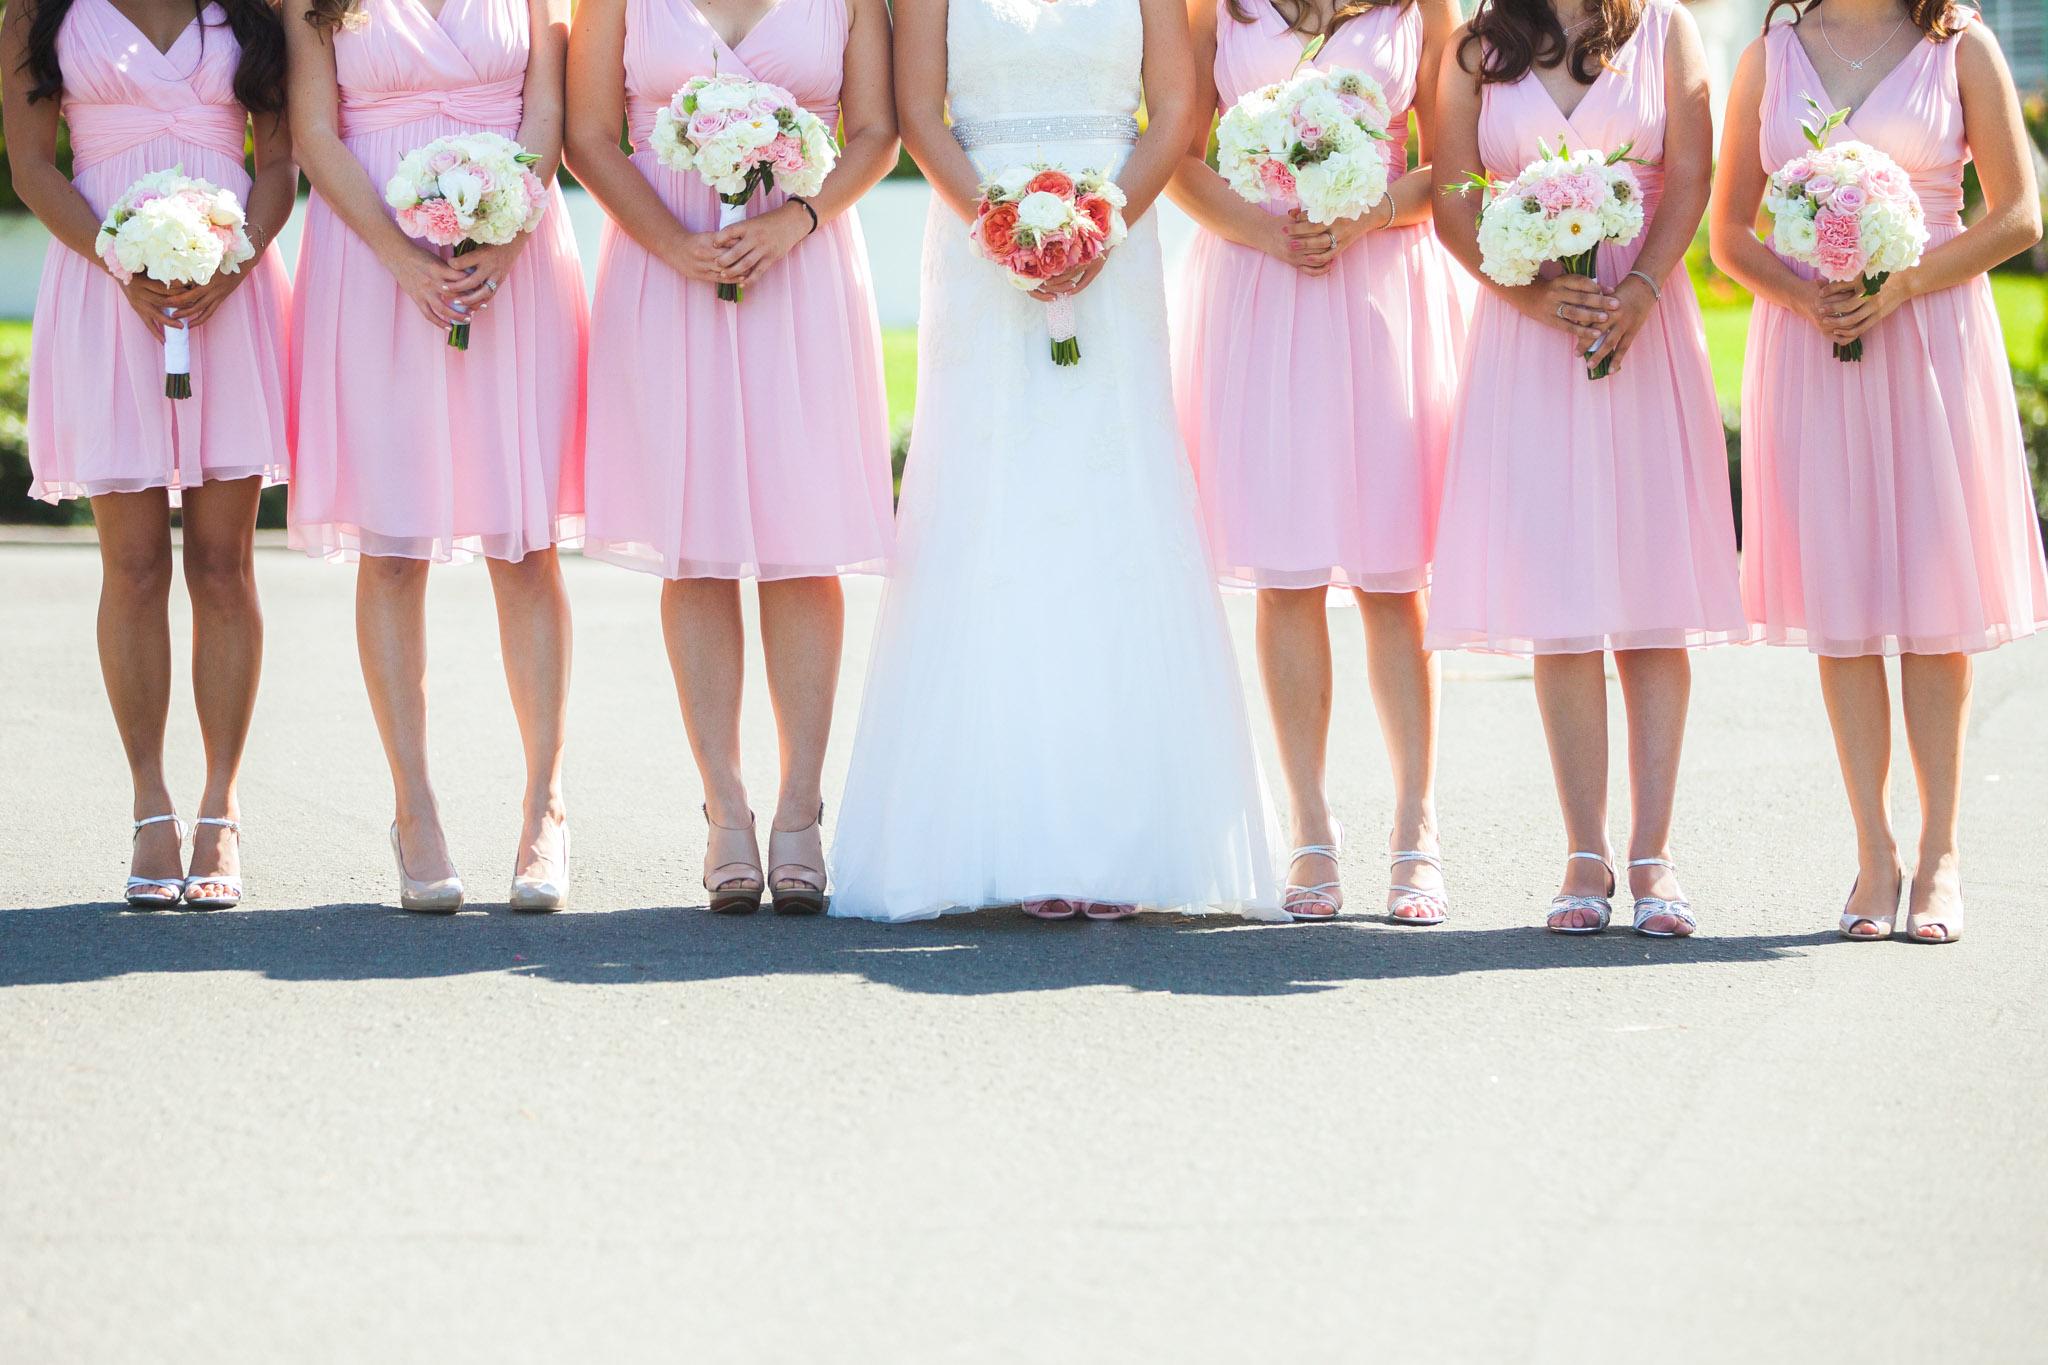 Bridesmaid Dresses San Diego | San Diego Wedding Photography Pink Bridesmaids Dresses 14 Wedding